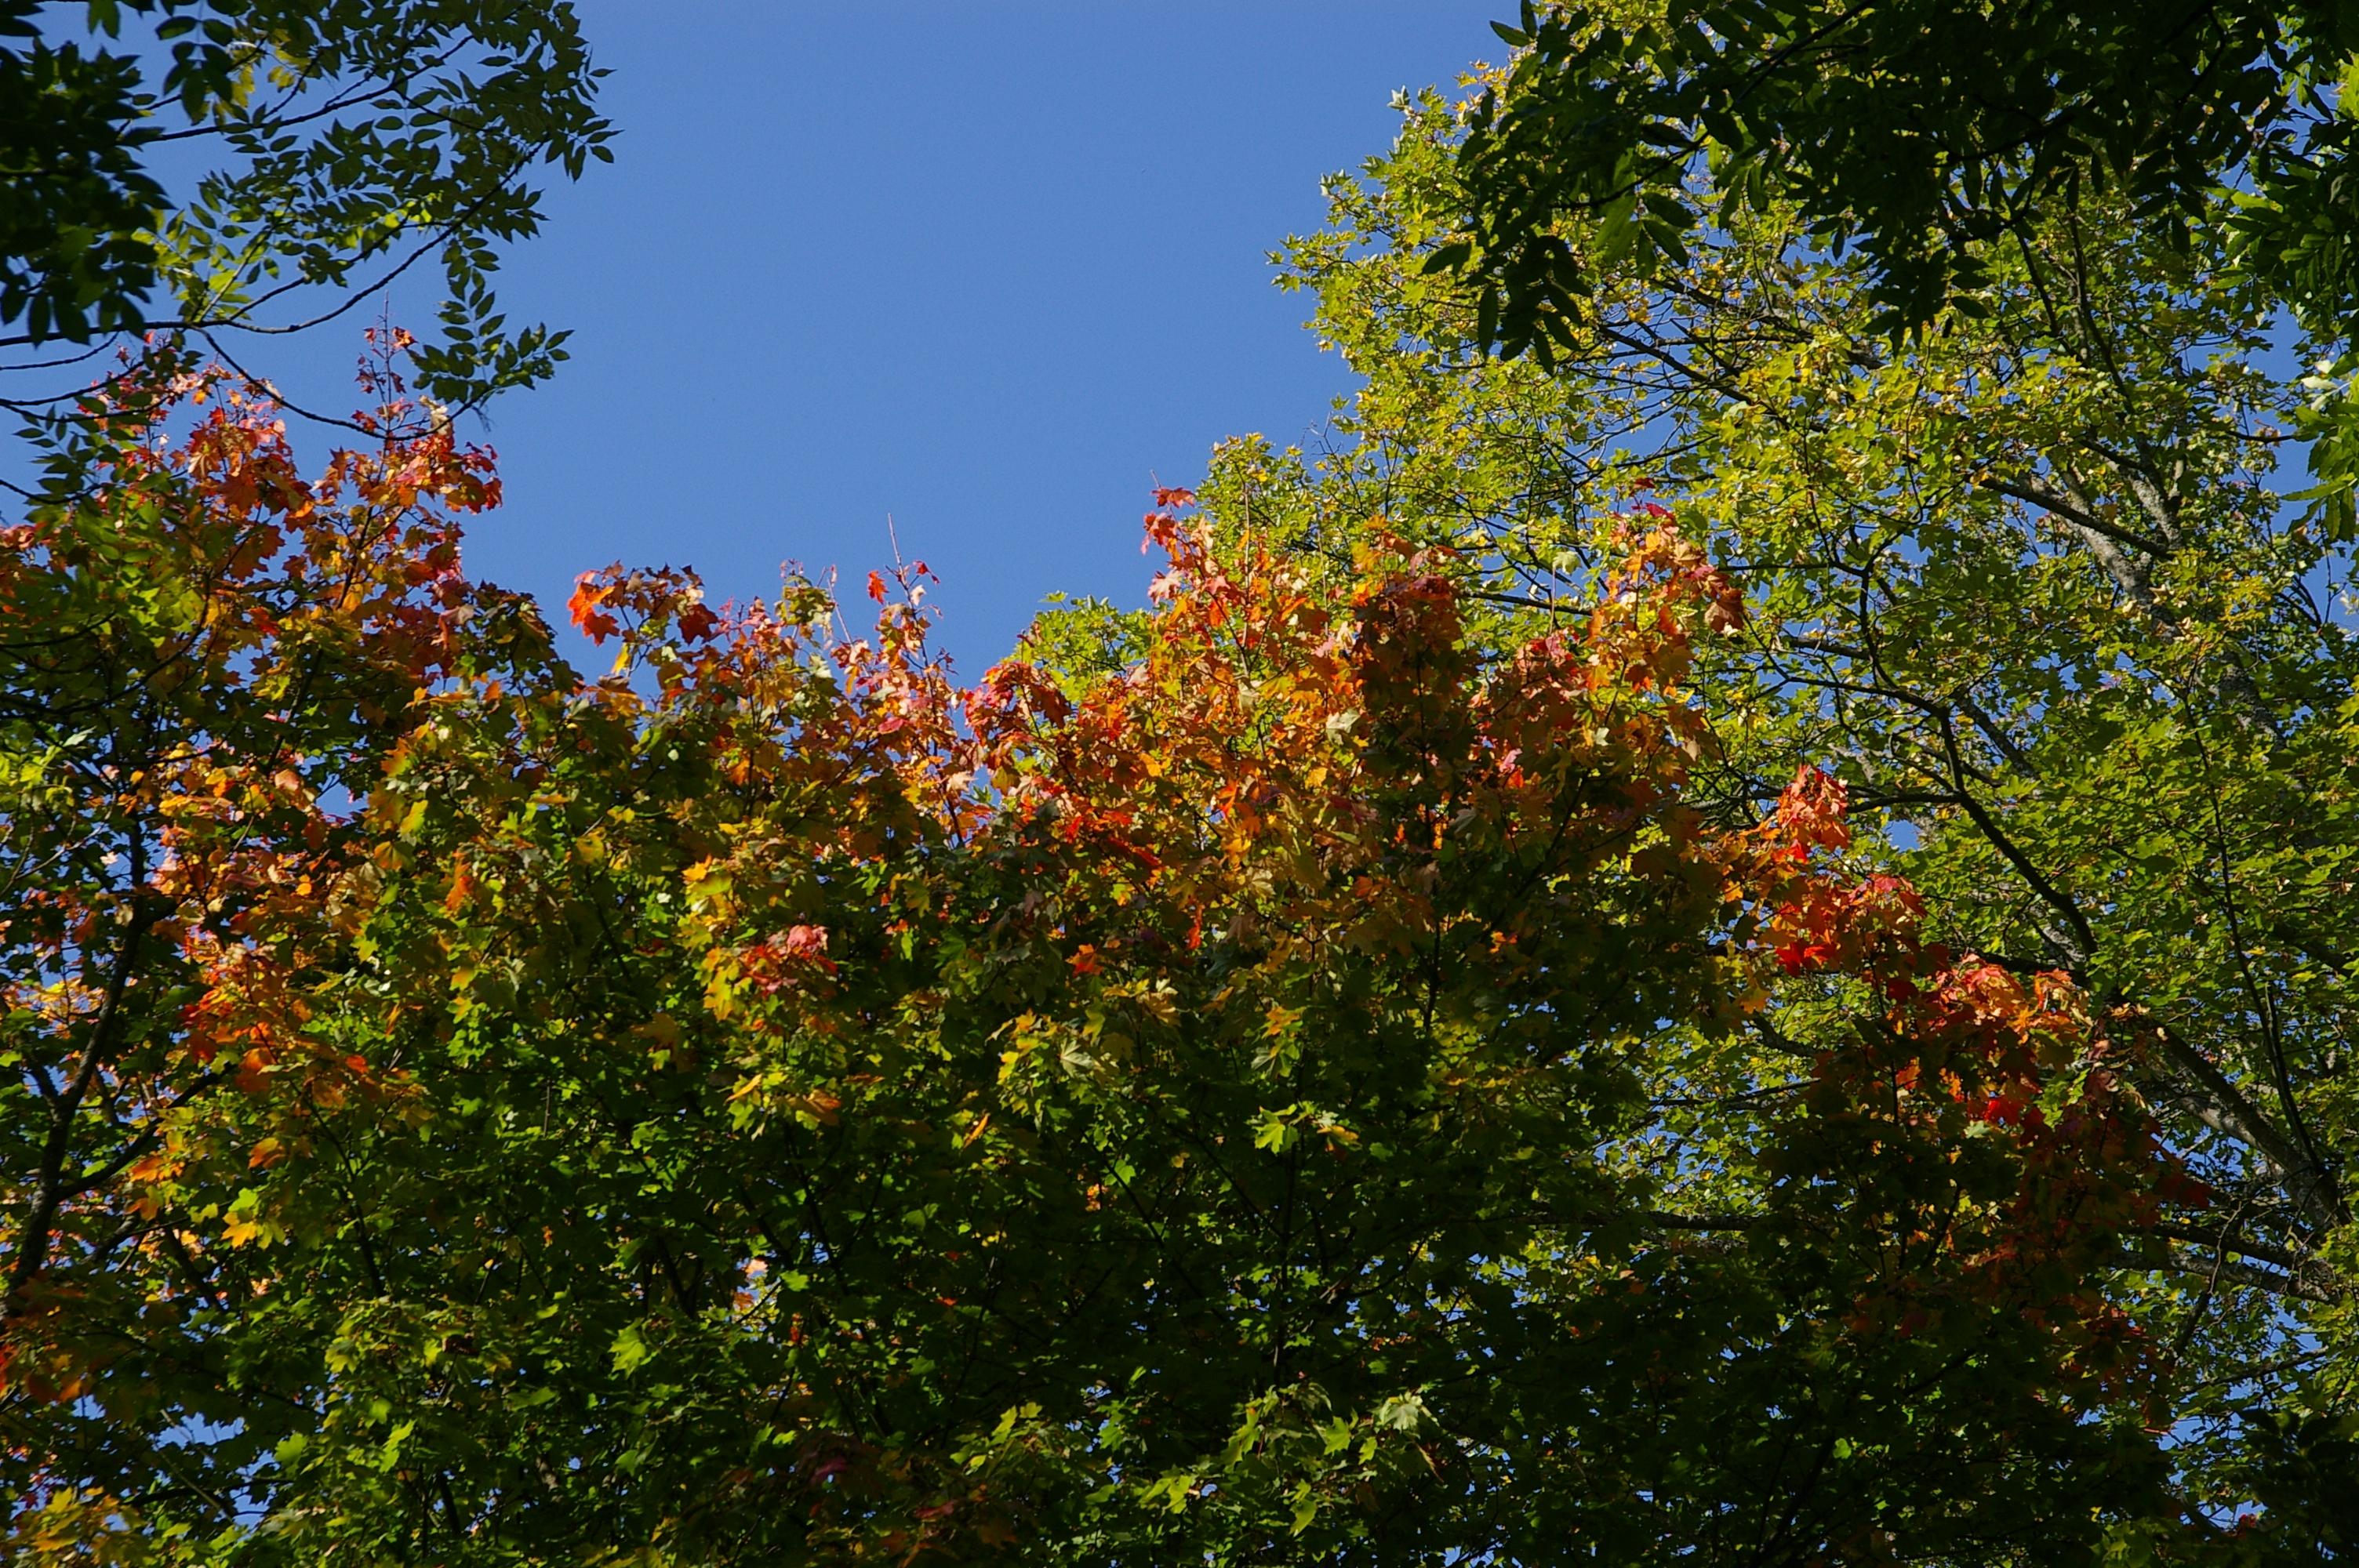 Warum färben sich die Blätter unserer Bäume im Herbst gelbrot?